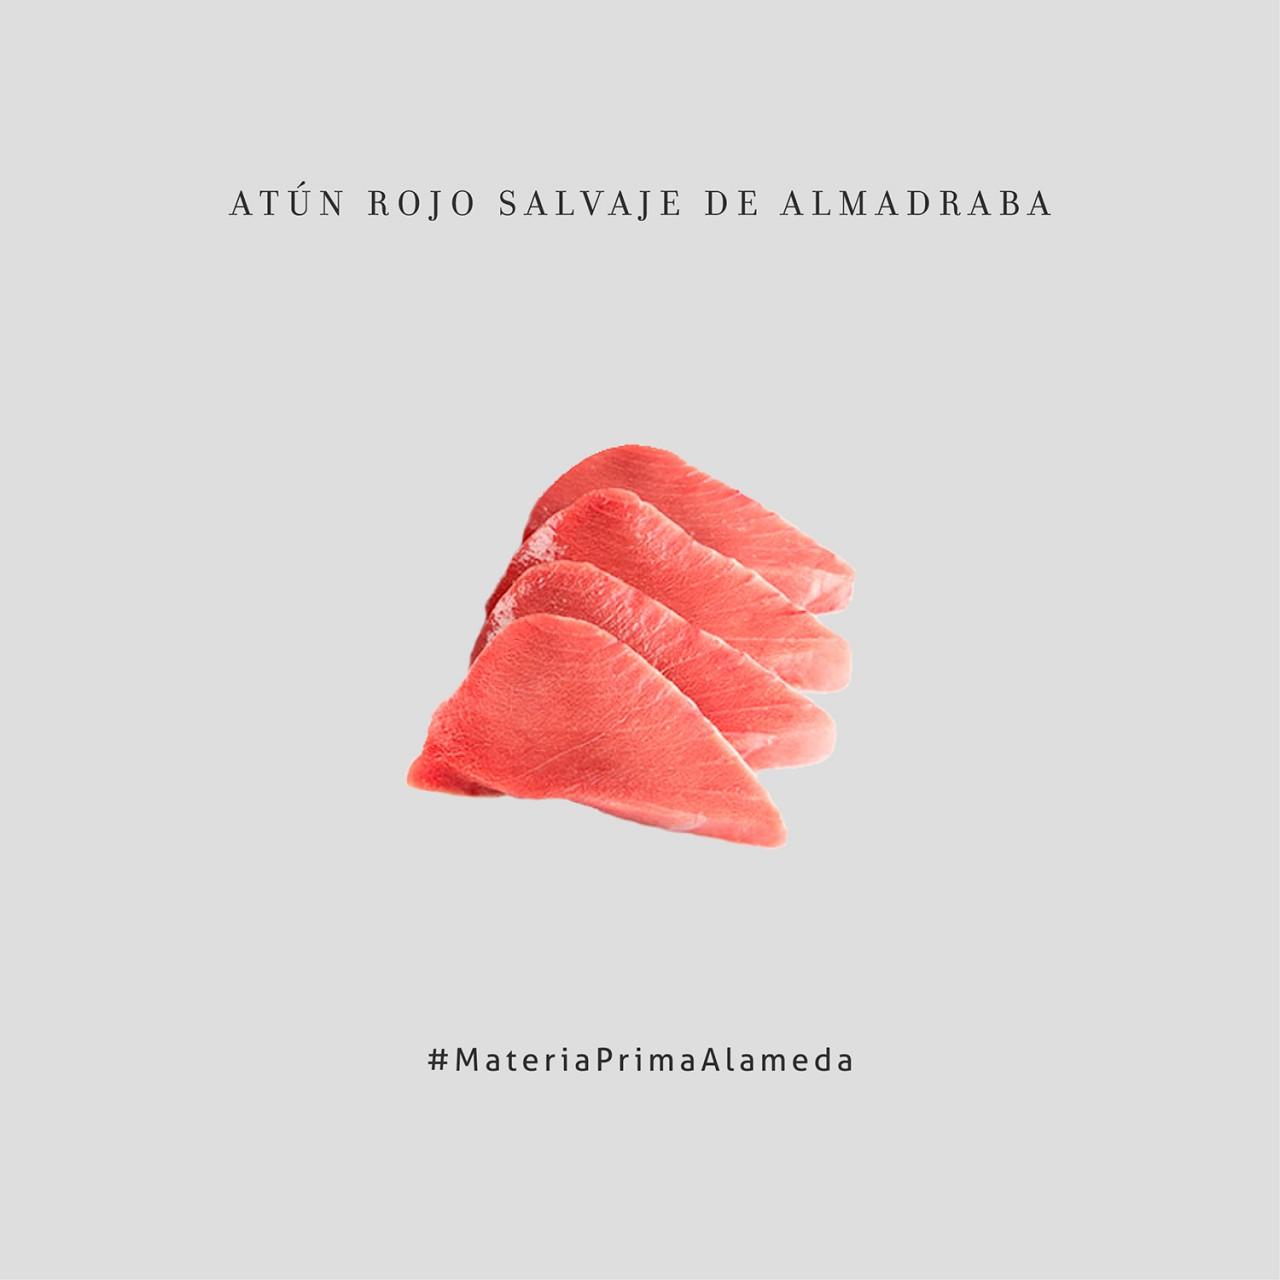 Materia_Prima_Alameda_03 - Atún Rojo Salvaje de Almadraba. Una de las materias primas del Restaurante Alameda de Granada